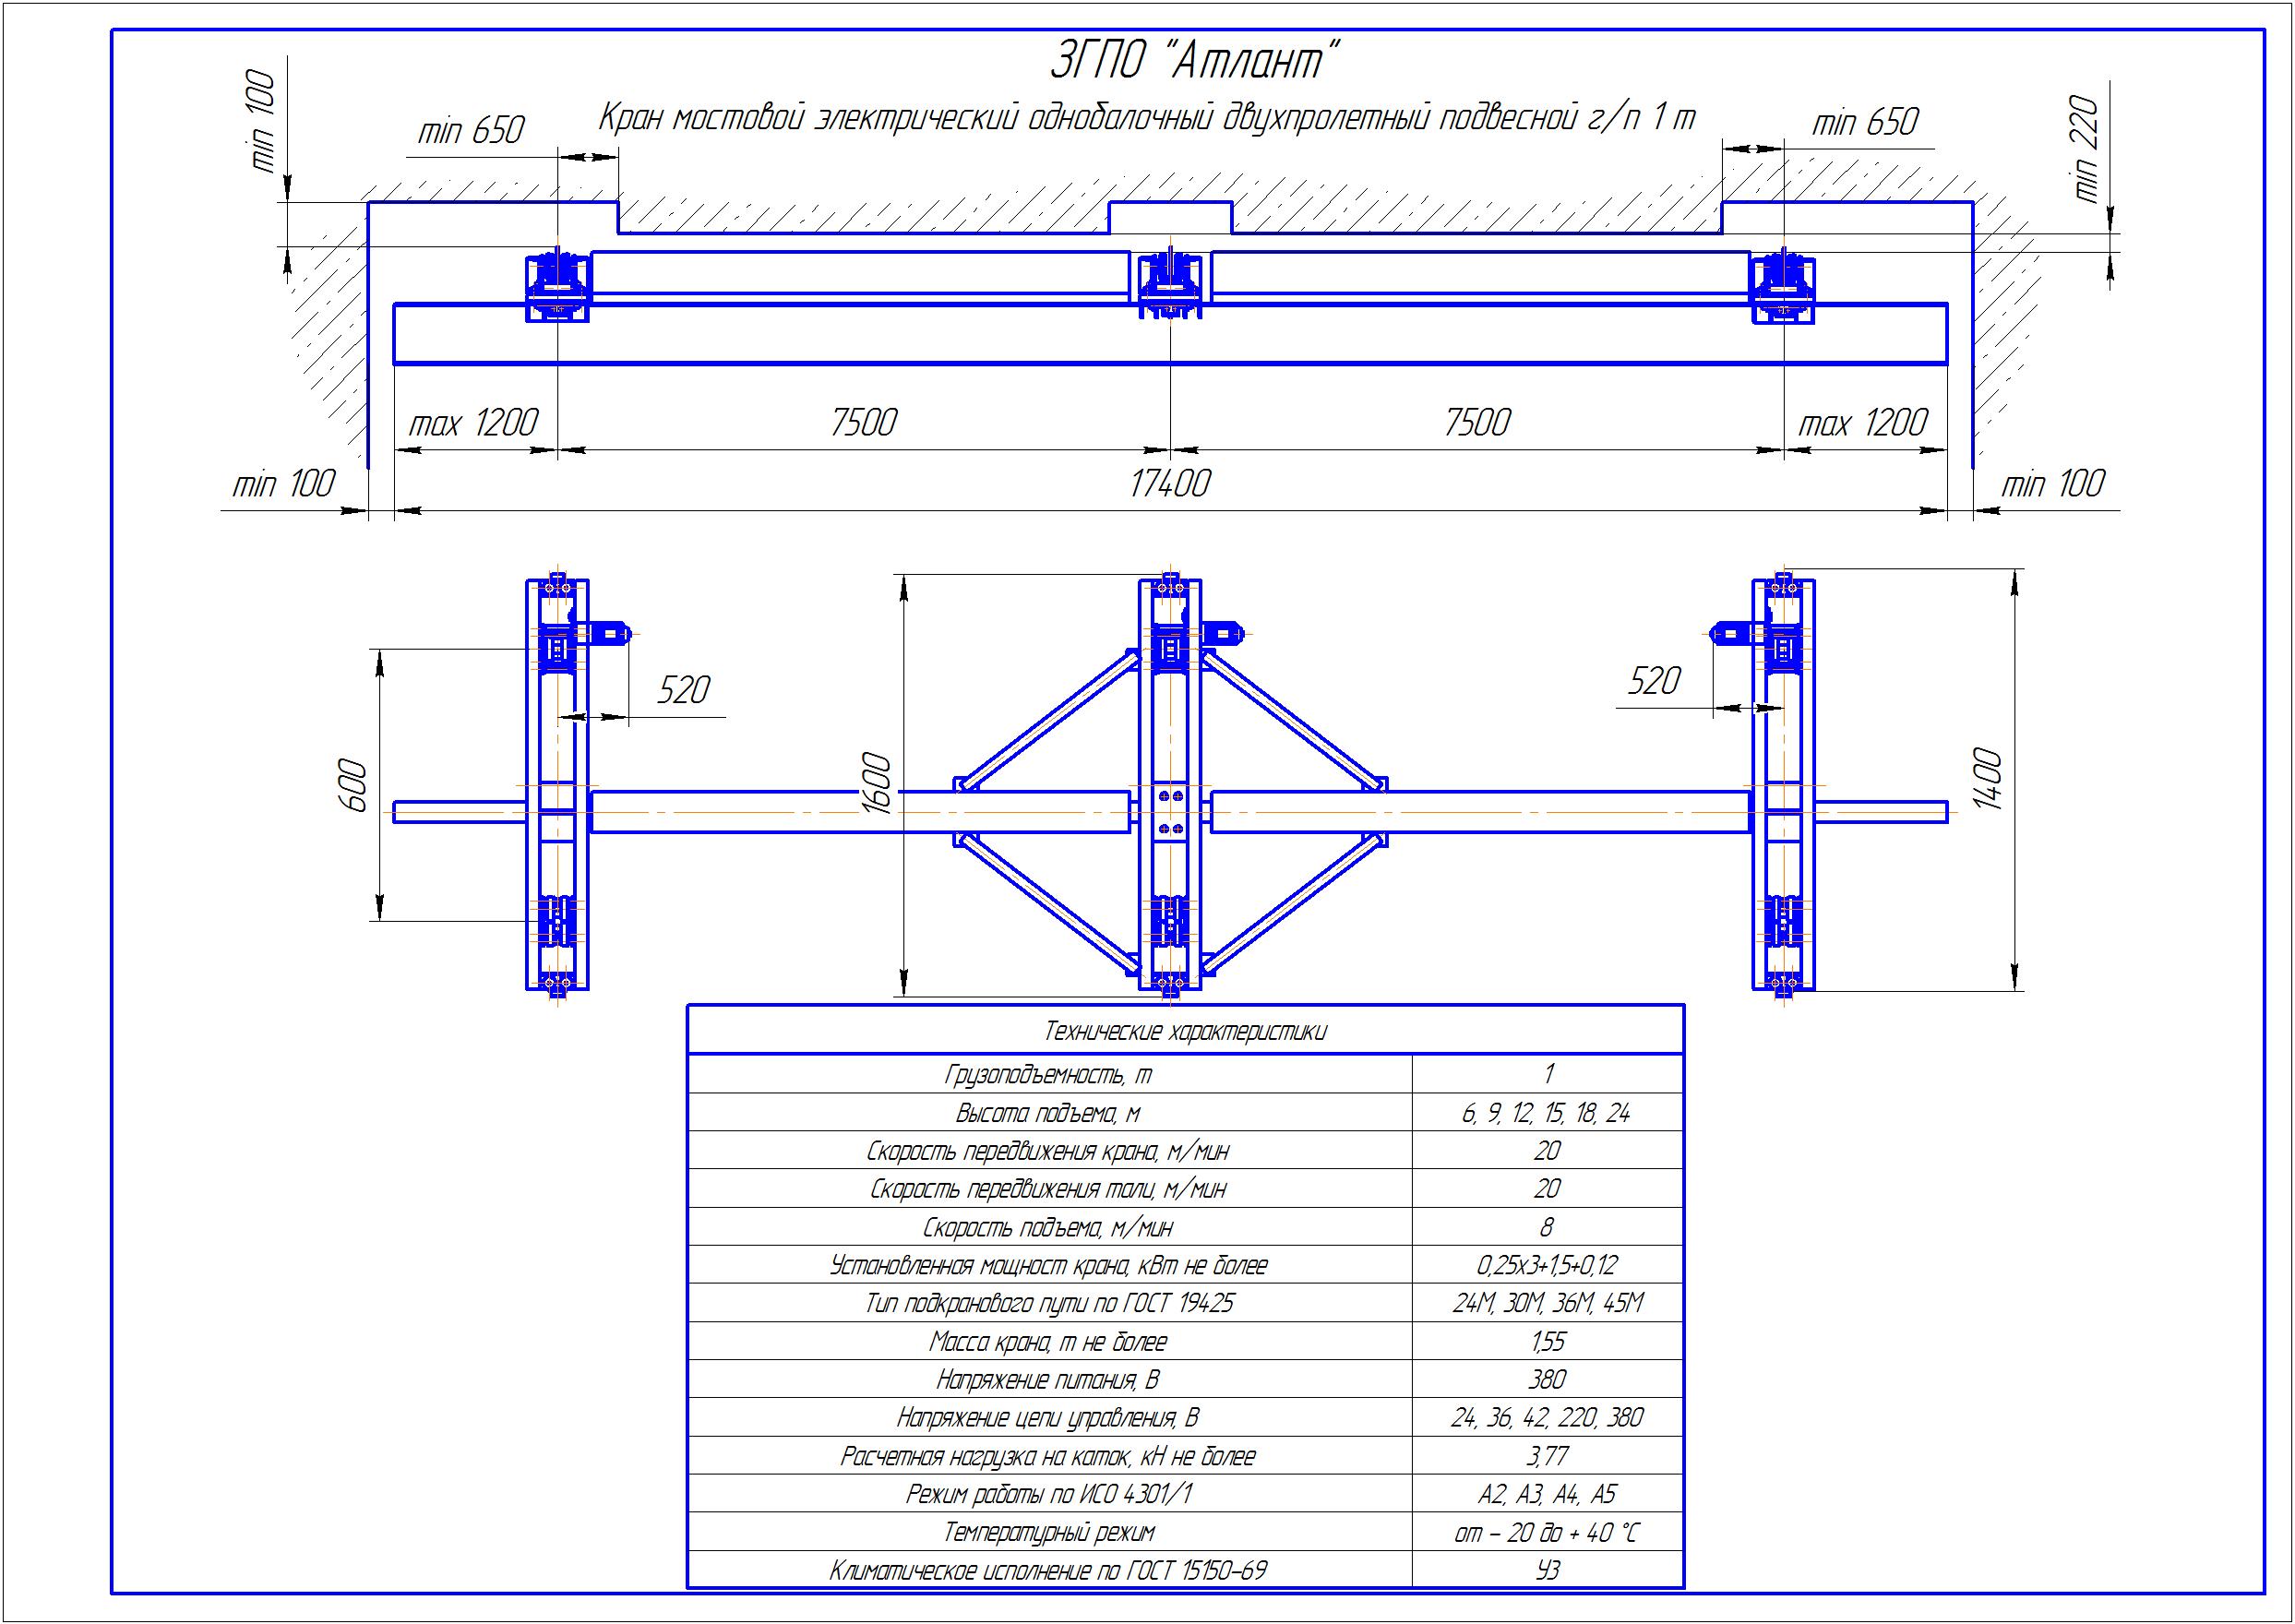 KBPD 1 1 1 - Подвесная кран балка двухпролетная